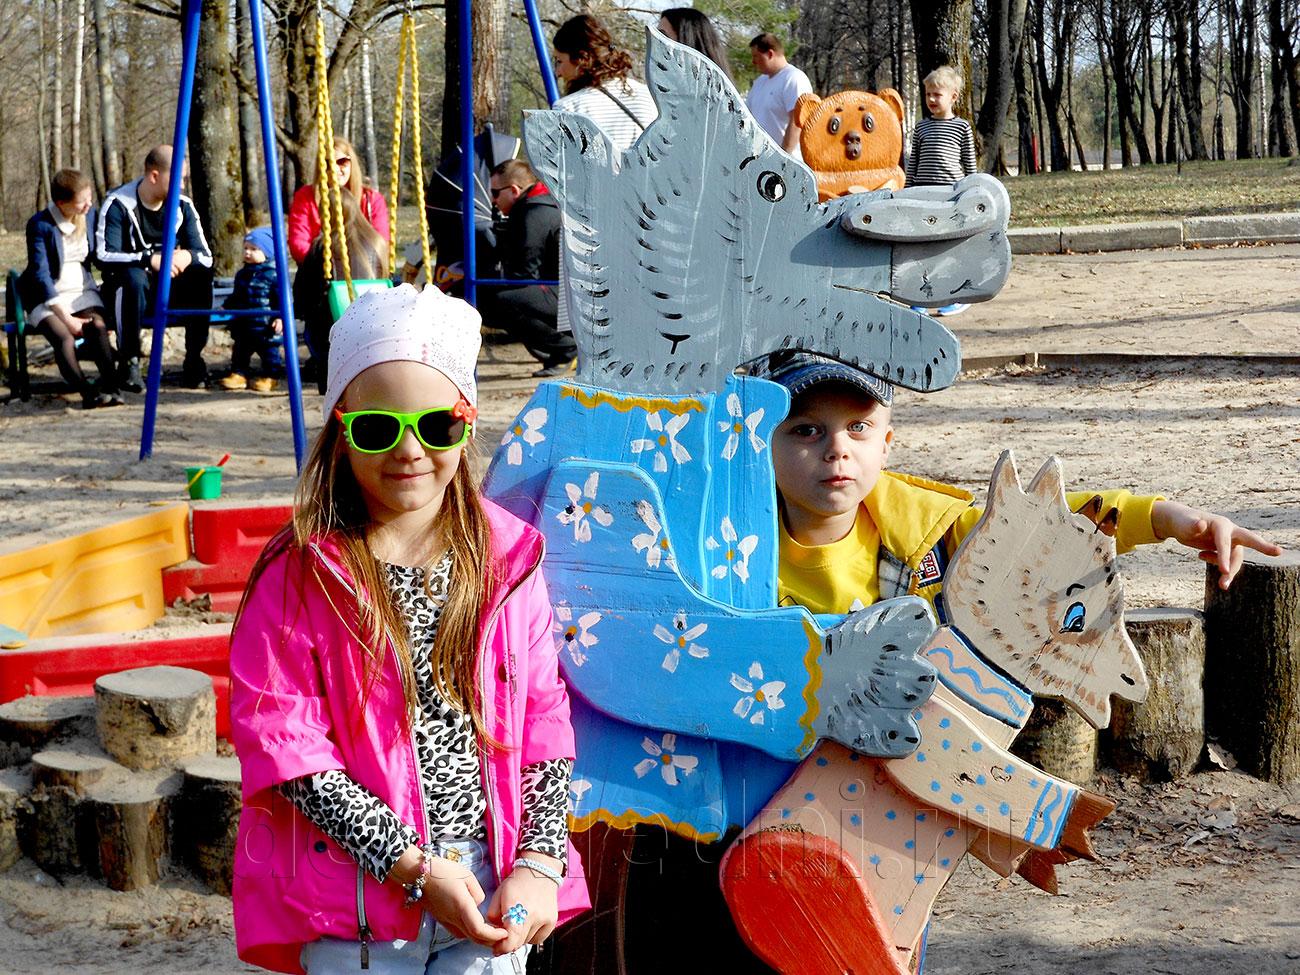 Насыщенный выходной для ребёнка - экономно и интересно. Мальчик и девочка в парке.